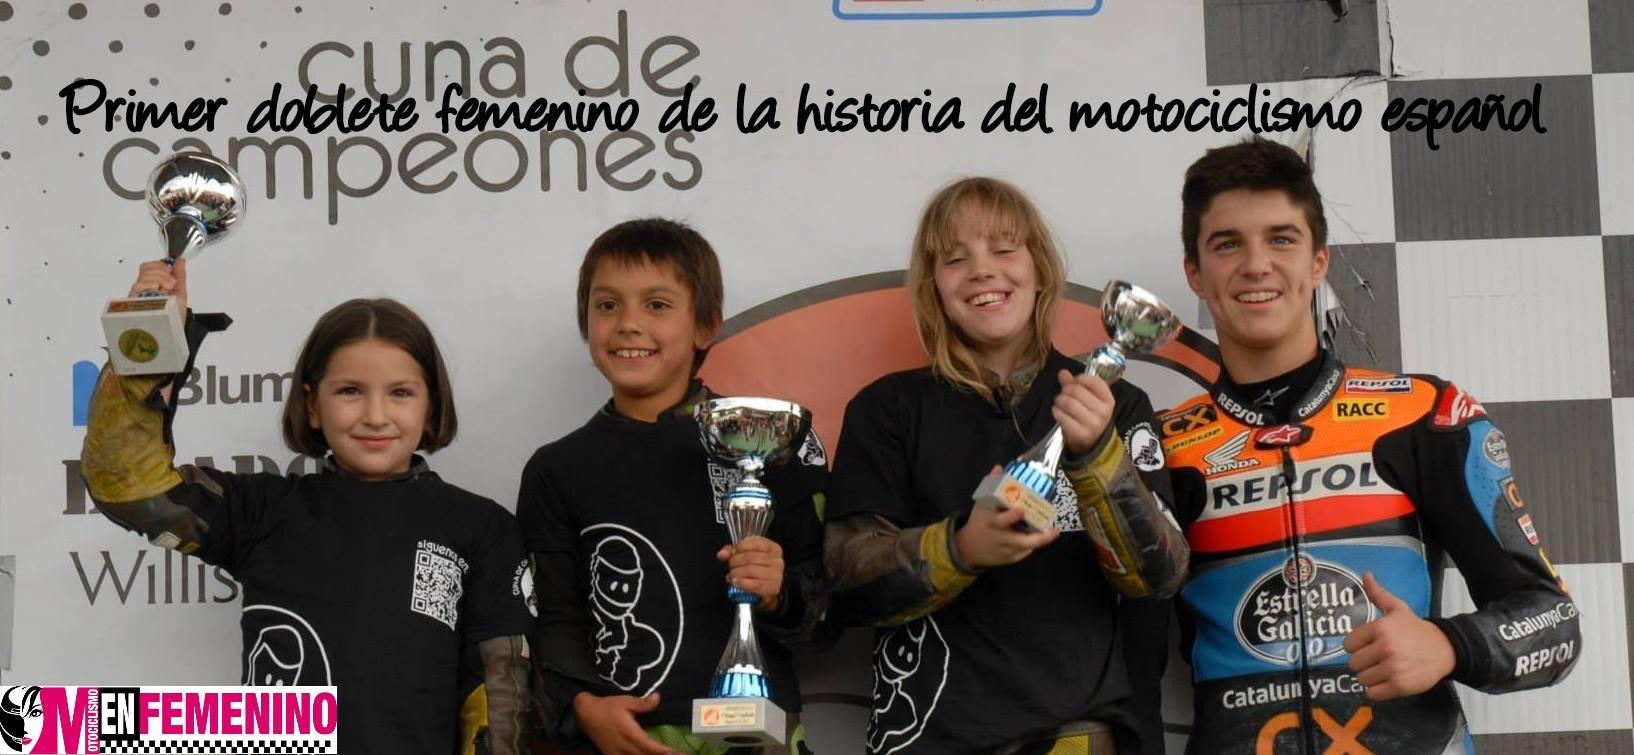 Dos chicas suben al podium en la 5ª Prueba del Campeonato de Cuna de Campeones 2013